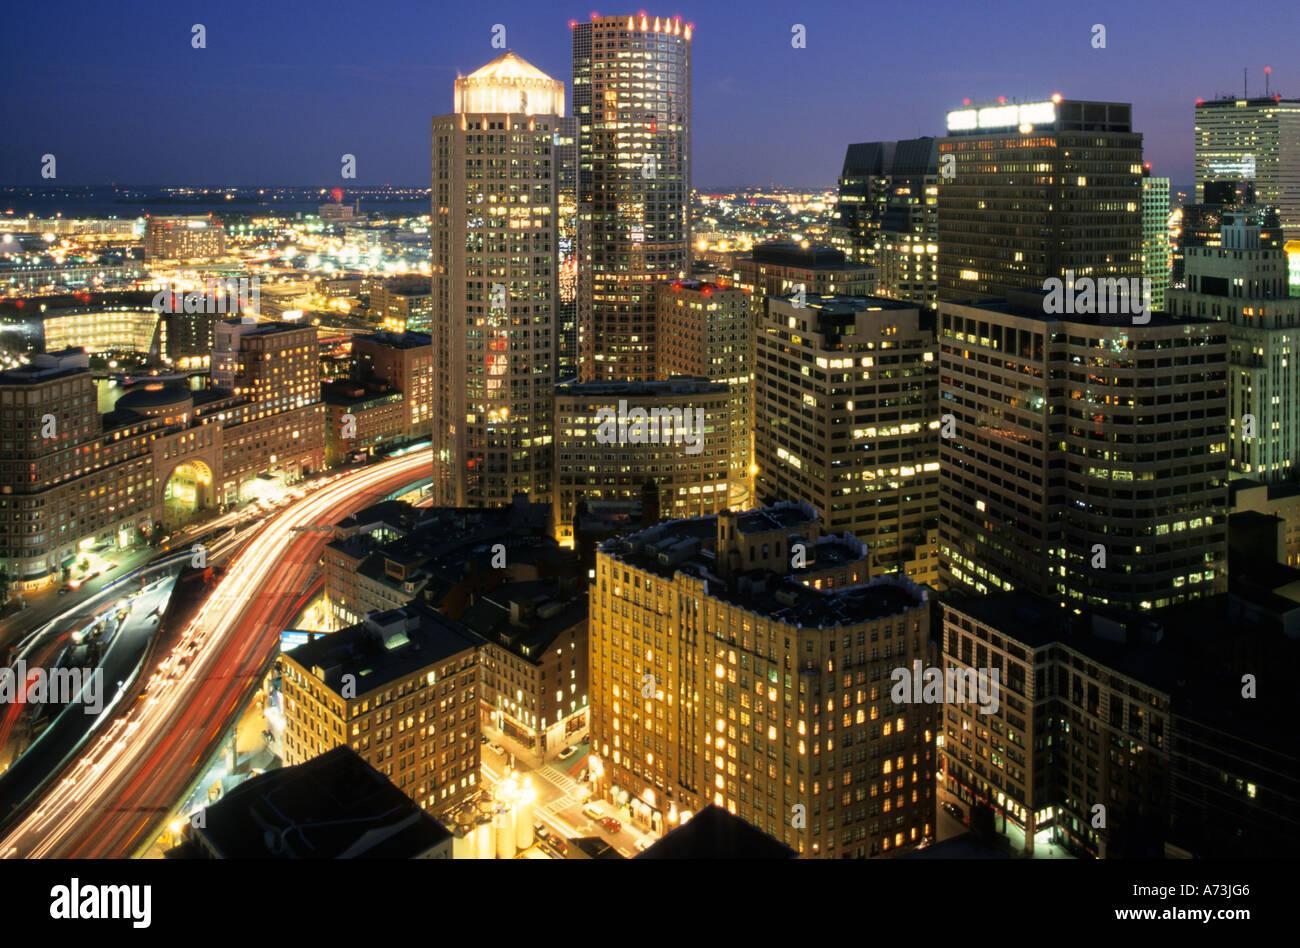 USA Boston Massachussetts night view - Stock Image